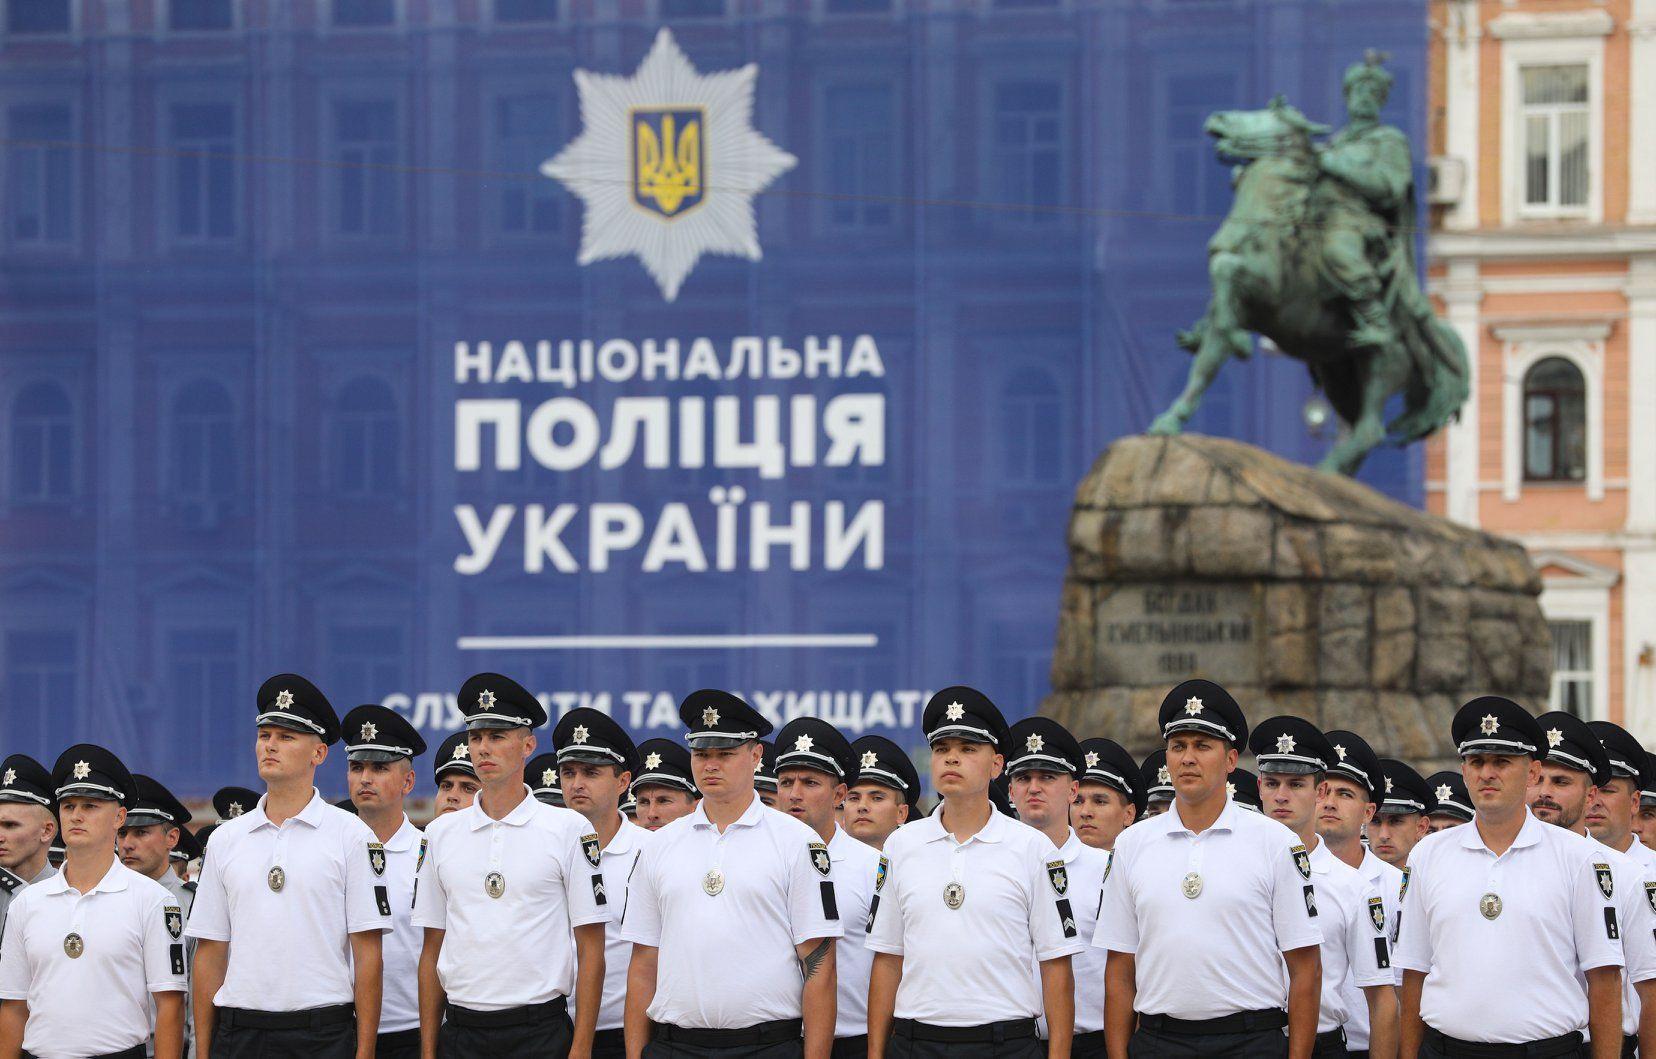 порошенко поліція київ закон